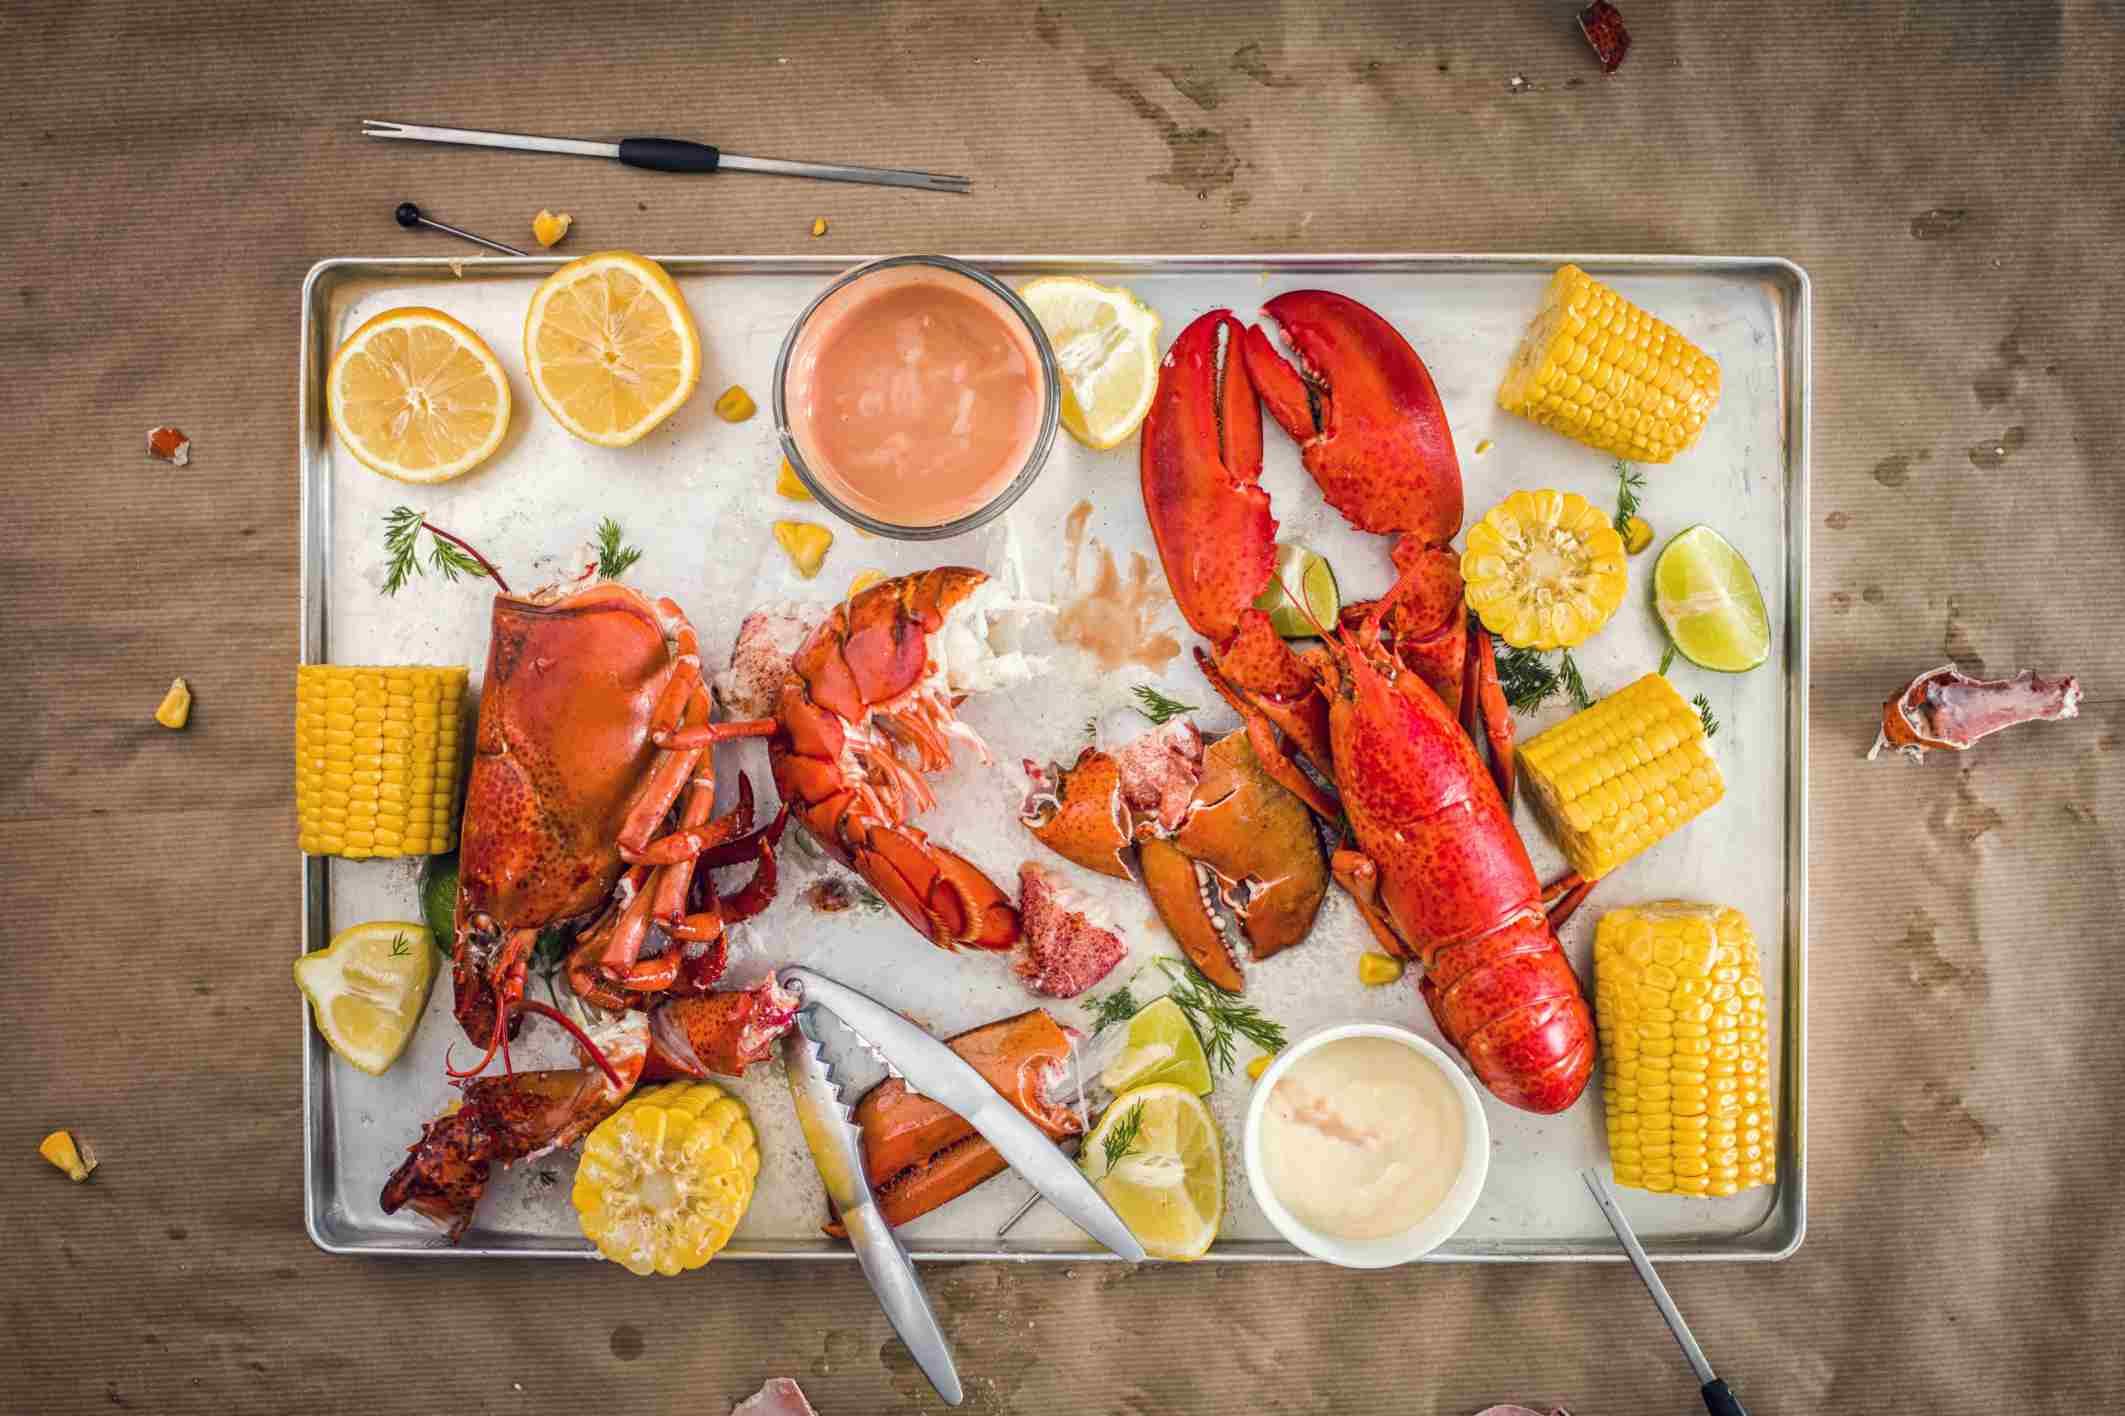 Lobster Dinner in Progress